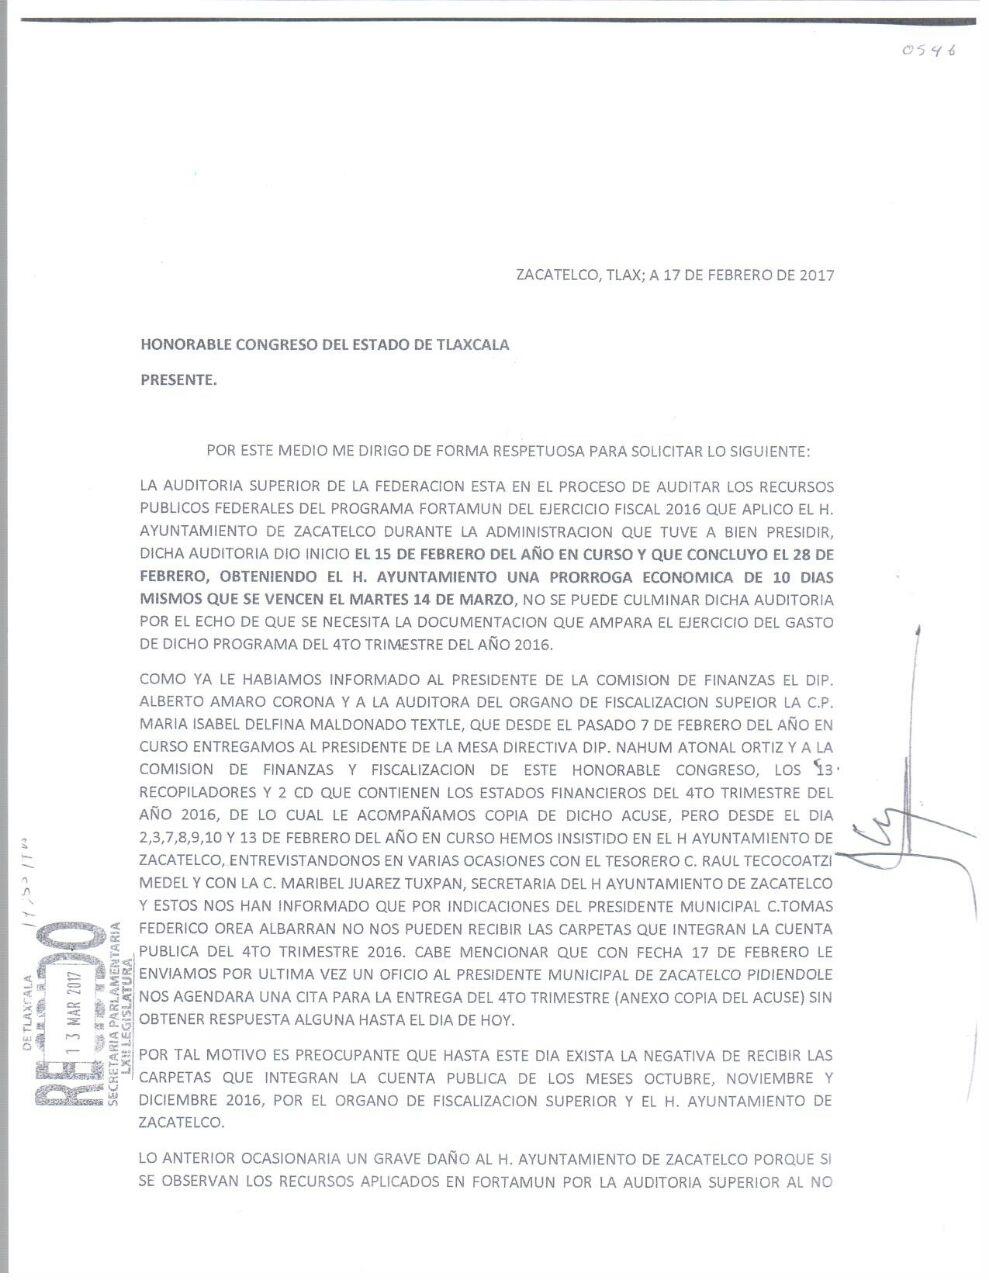 Contubernio del OFS y alcalde de Zacatelco